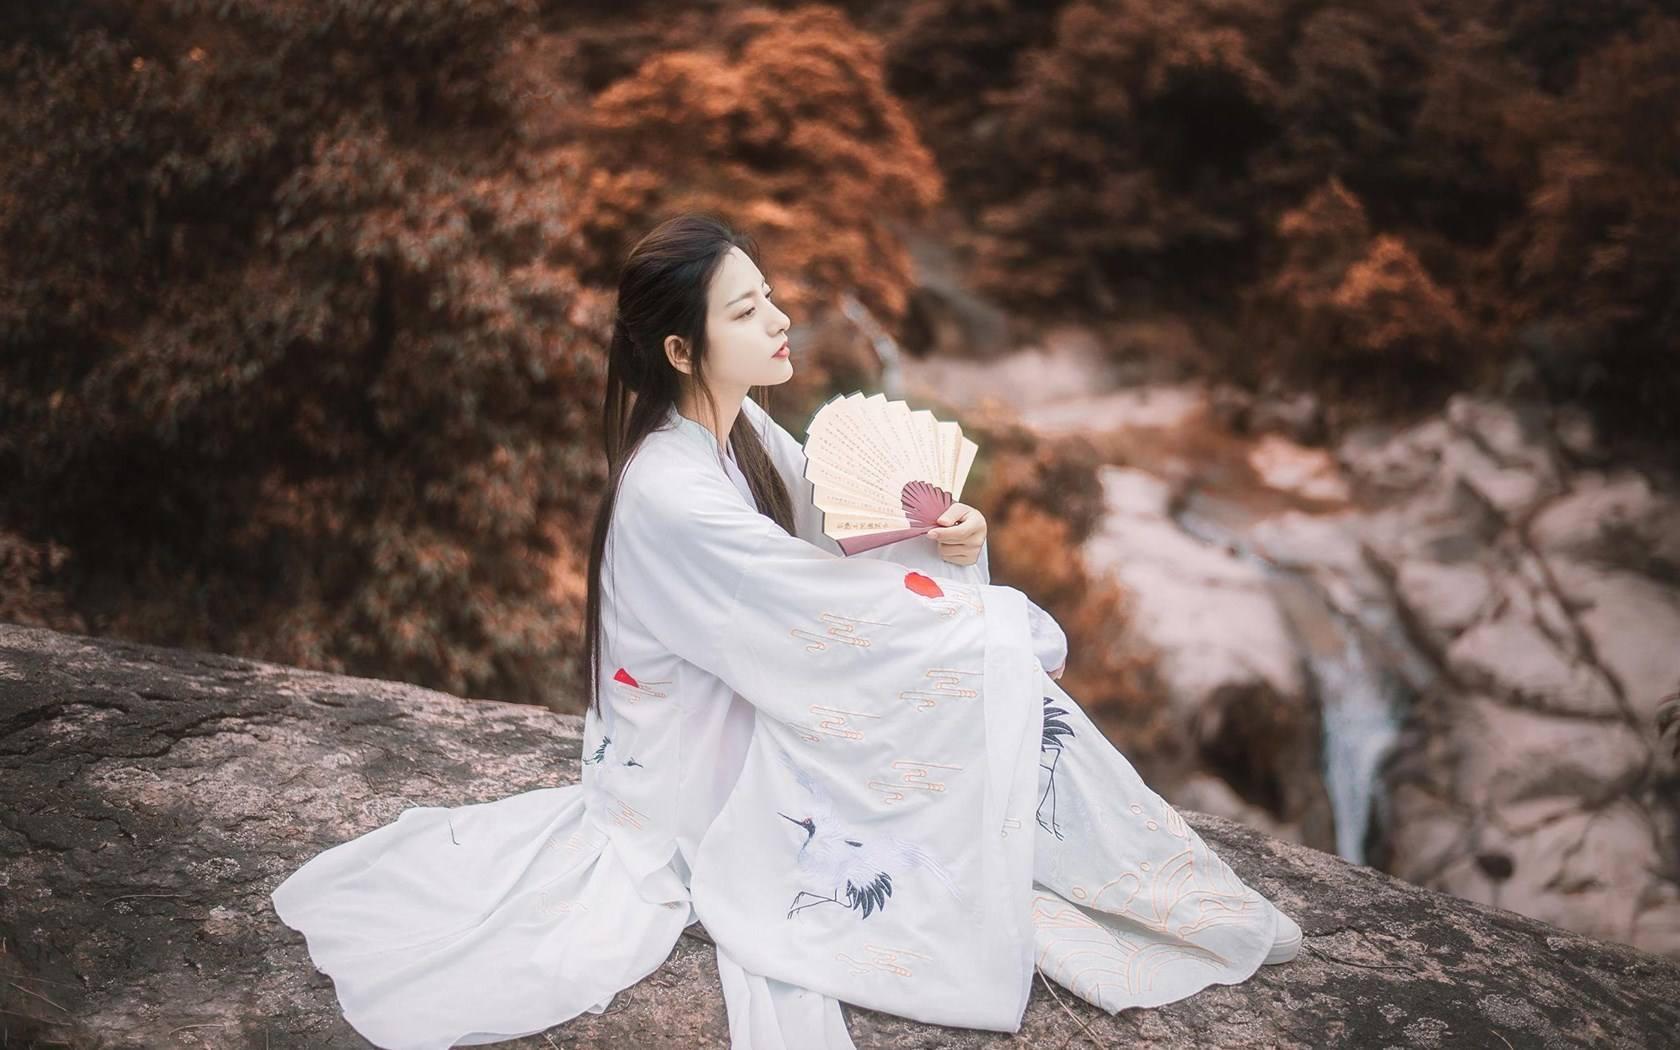 穿越小说《凤后传:佳人眉间雪》全文免费在线阅读 凤后传:佳人眉间雪免费阅读